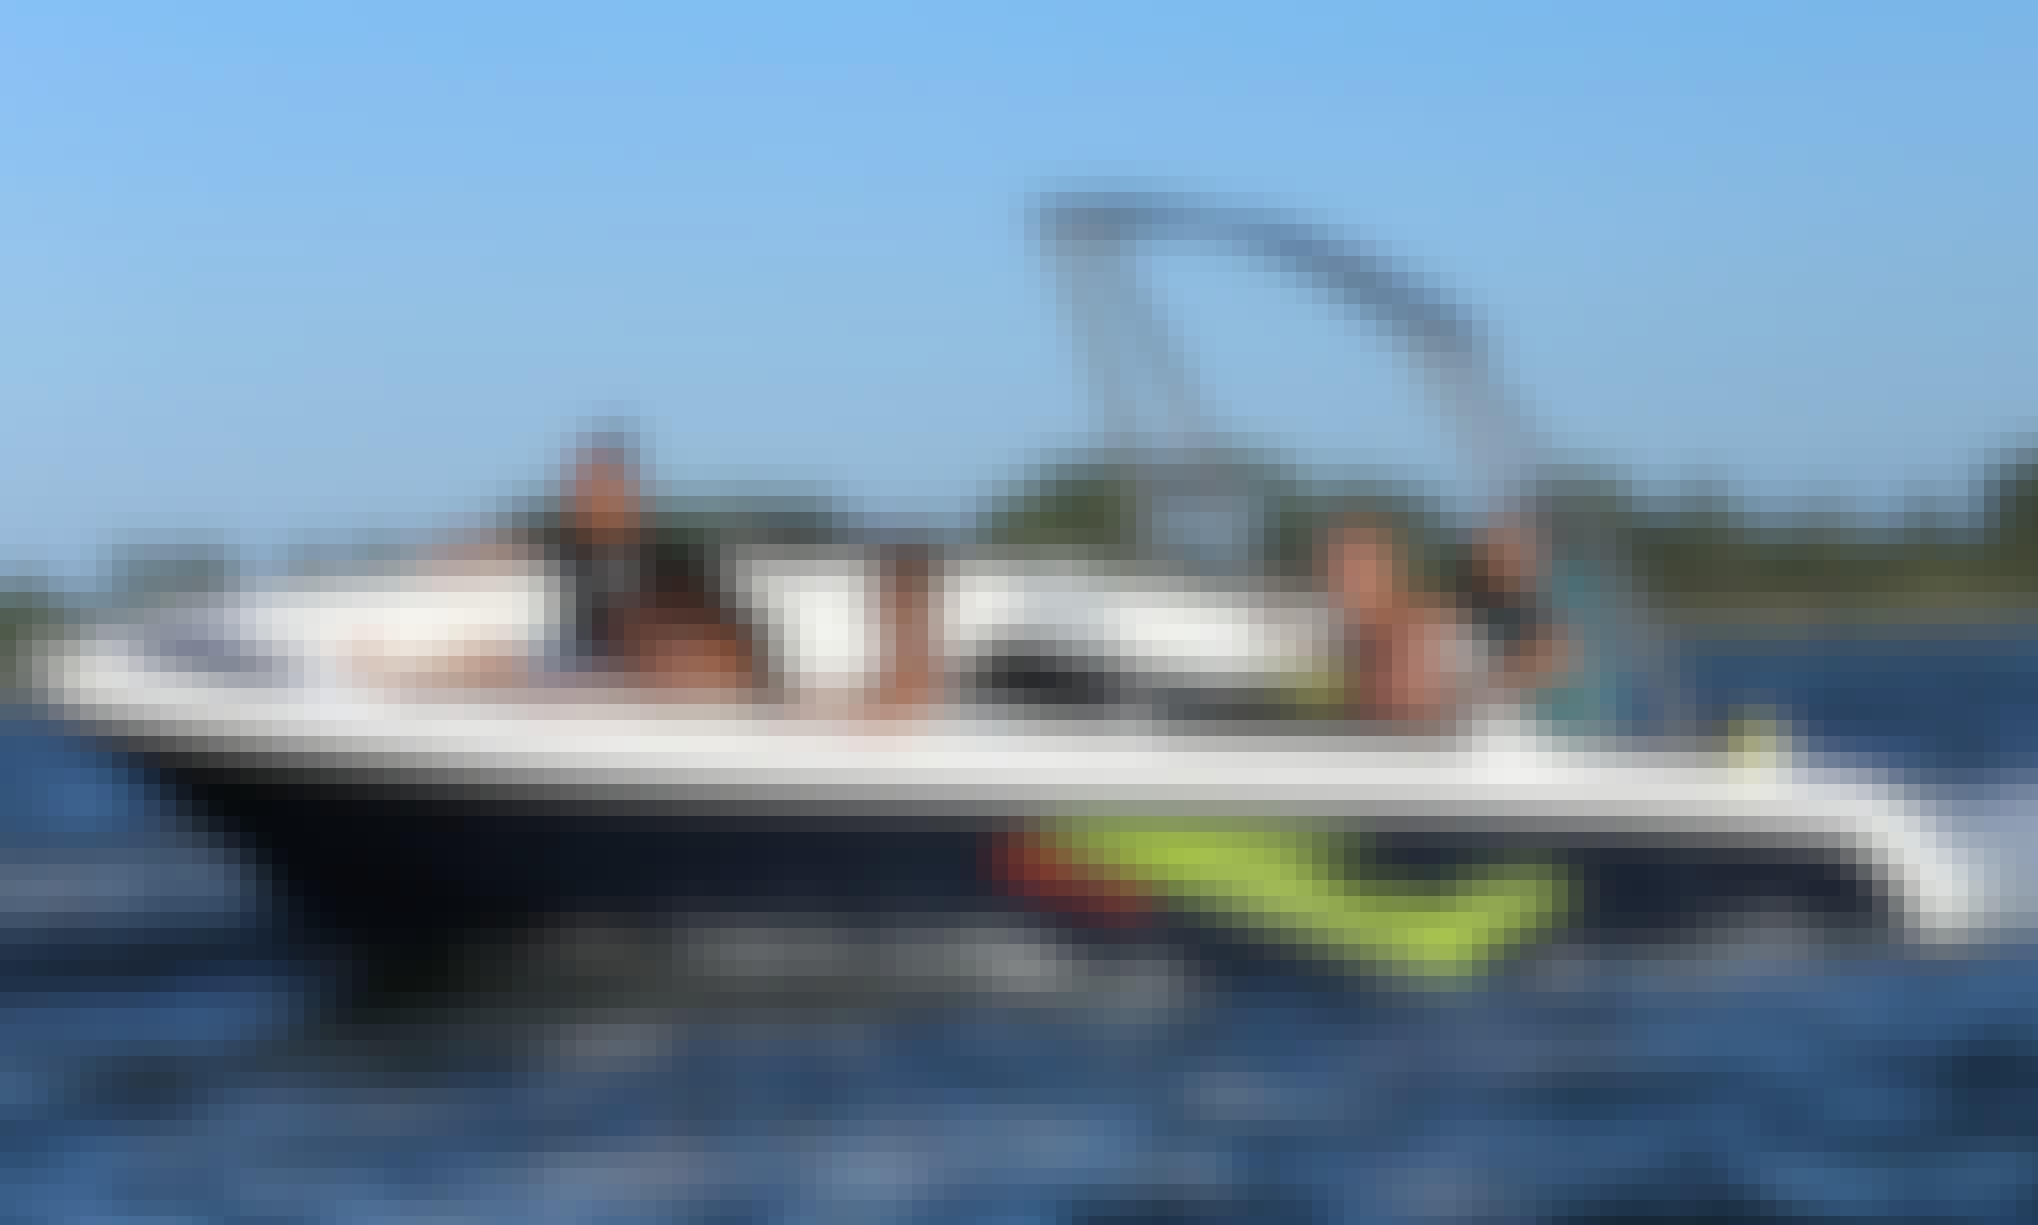 2021 310 Horsepower SEALVER WAKE BOAT RENTAL